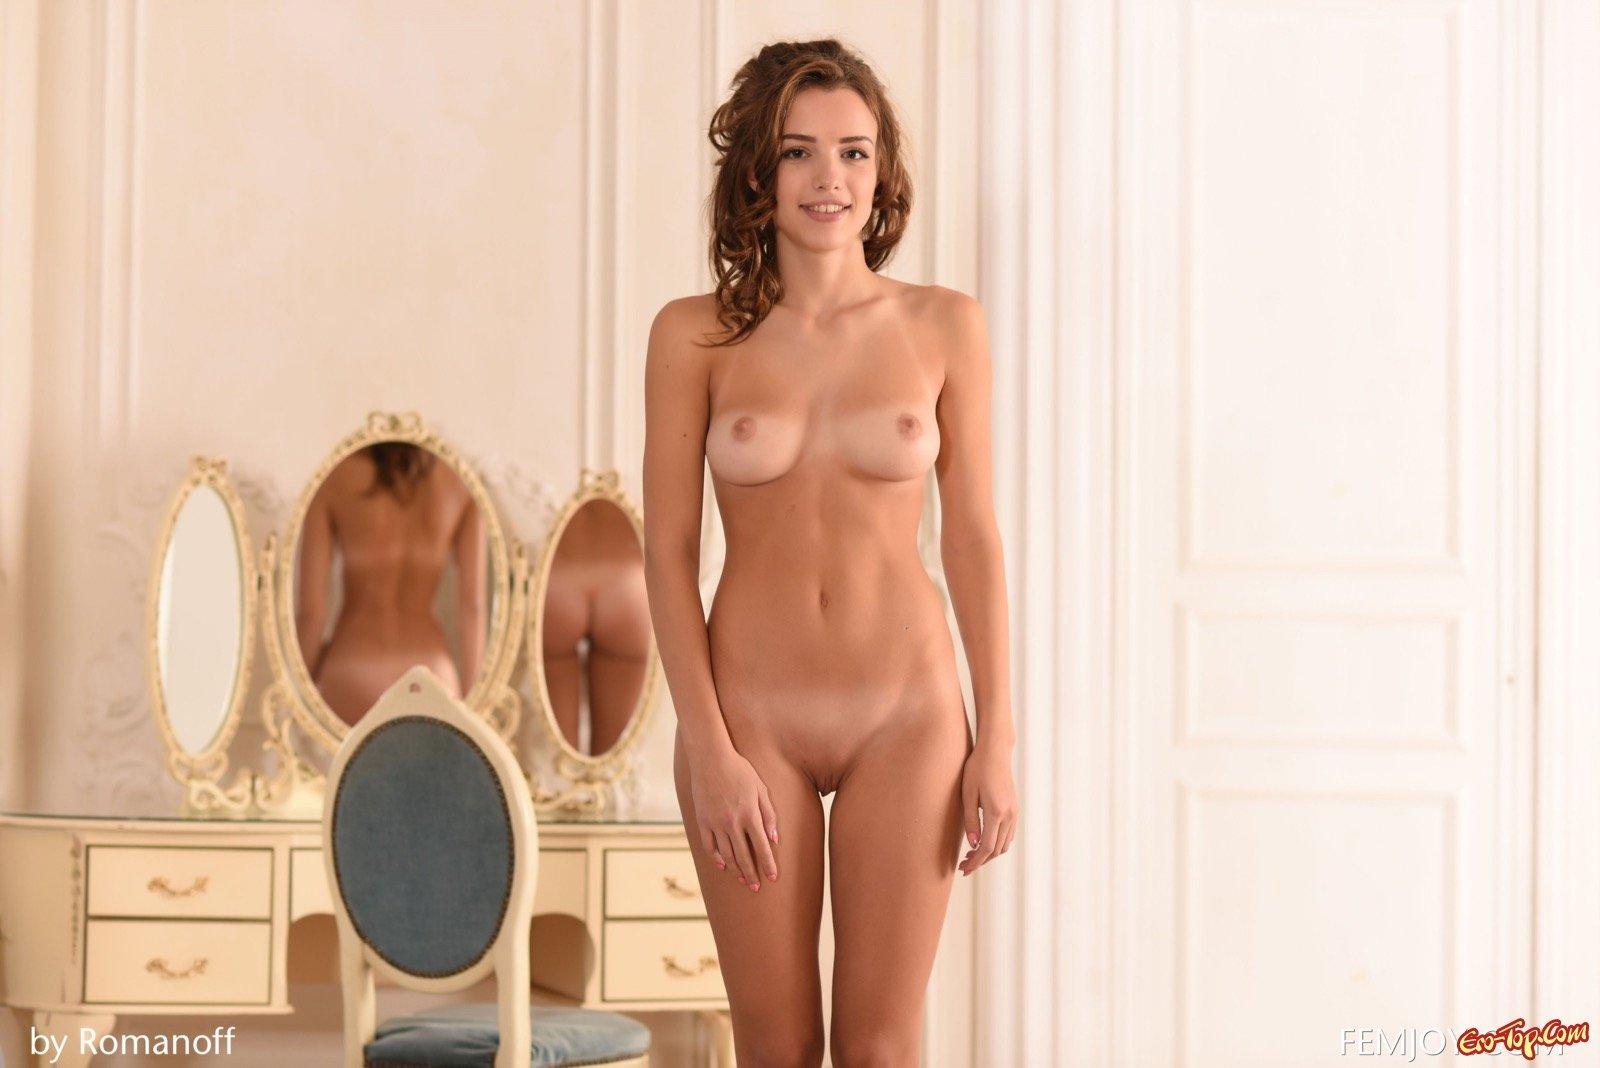 Обнаженная красавица с натуральными формами секс фото